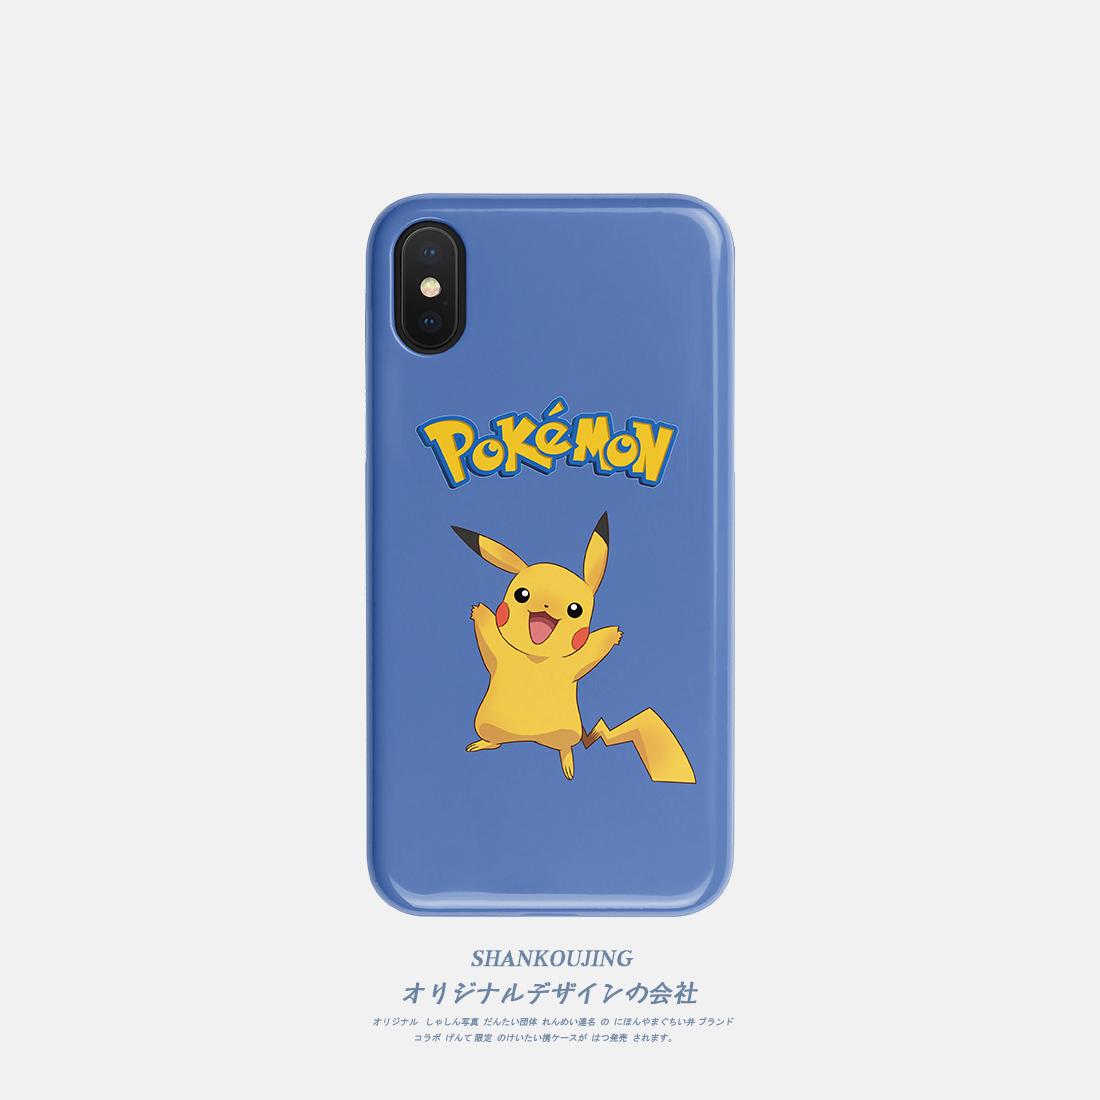 山口井 日系皮卡丘手机壳X苹果iPhone7/8plus/max/XR华为p30/mate